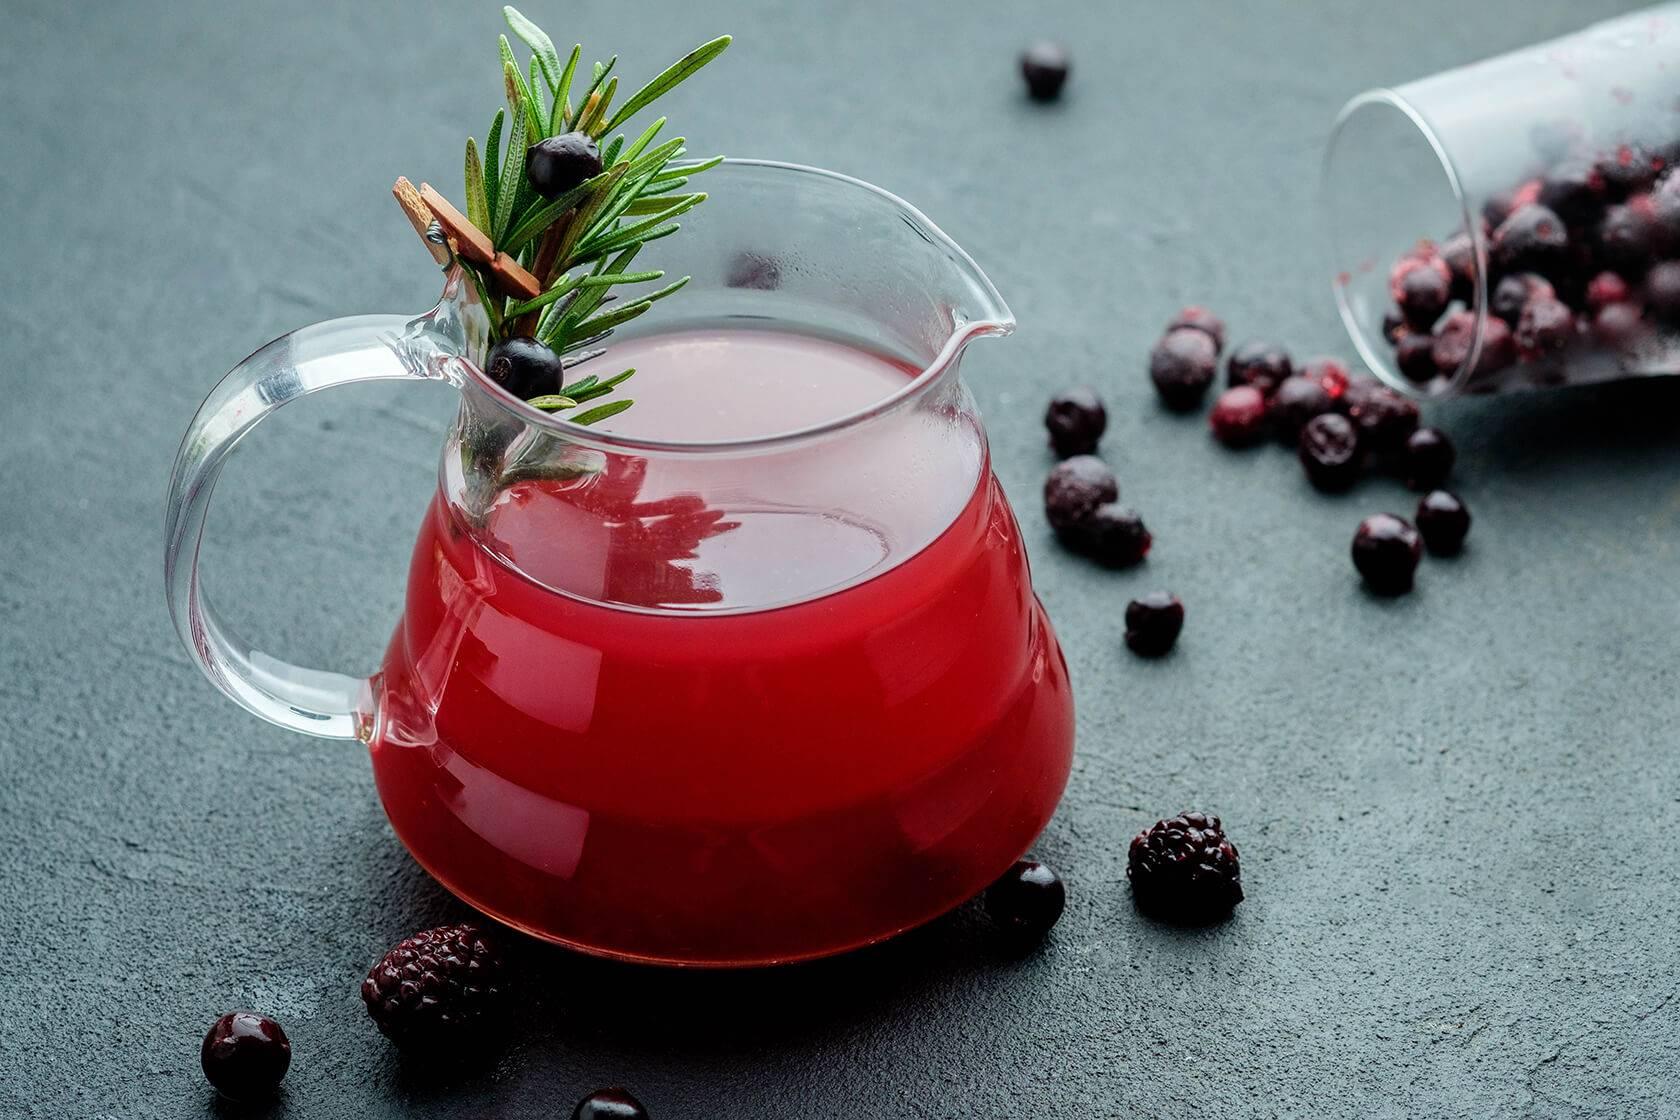 Чай с ягодами брусники – от чего помогают и как приготовить